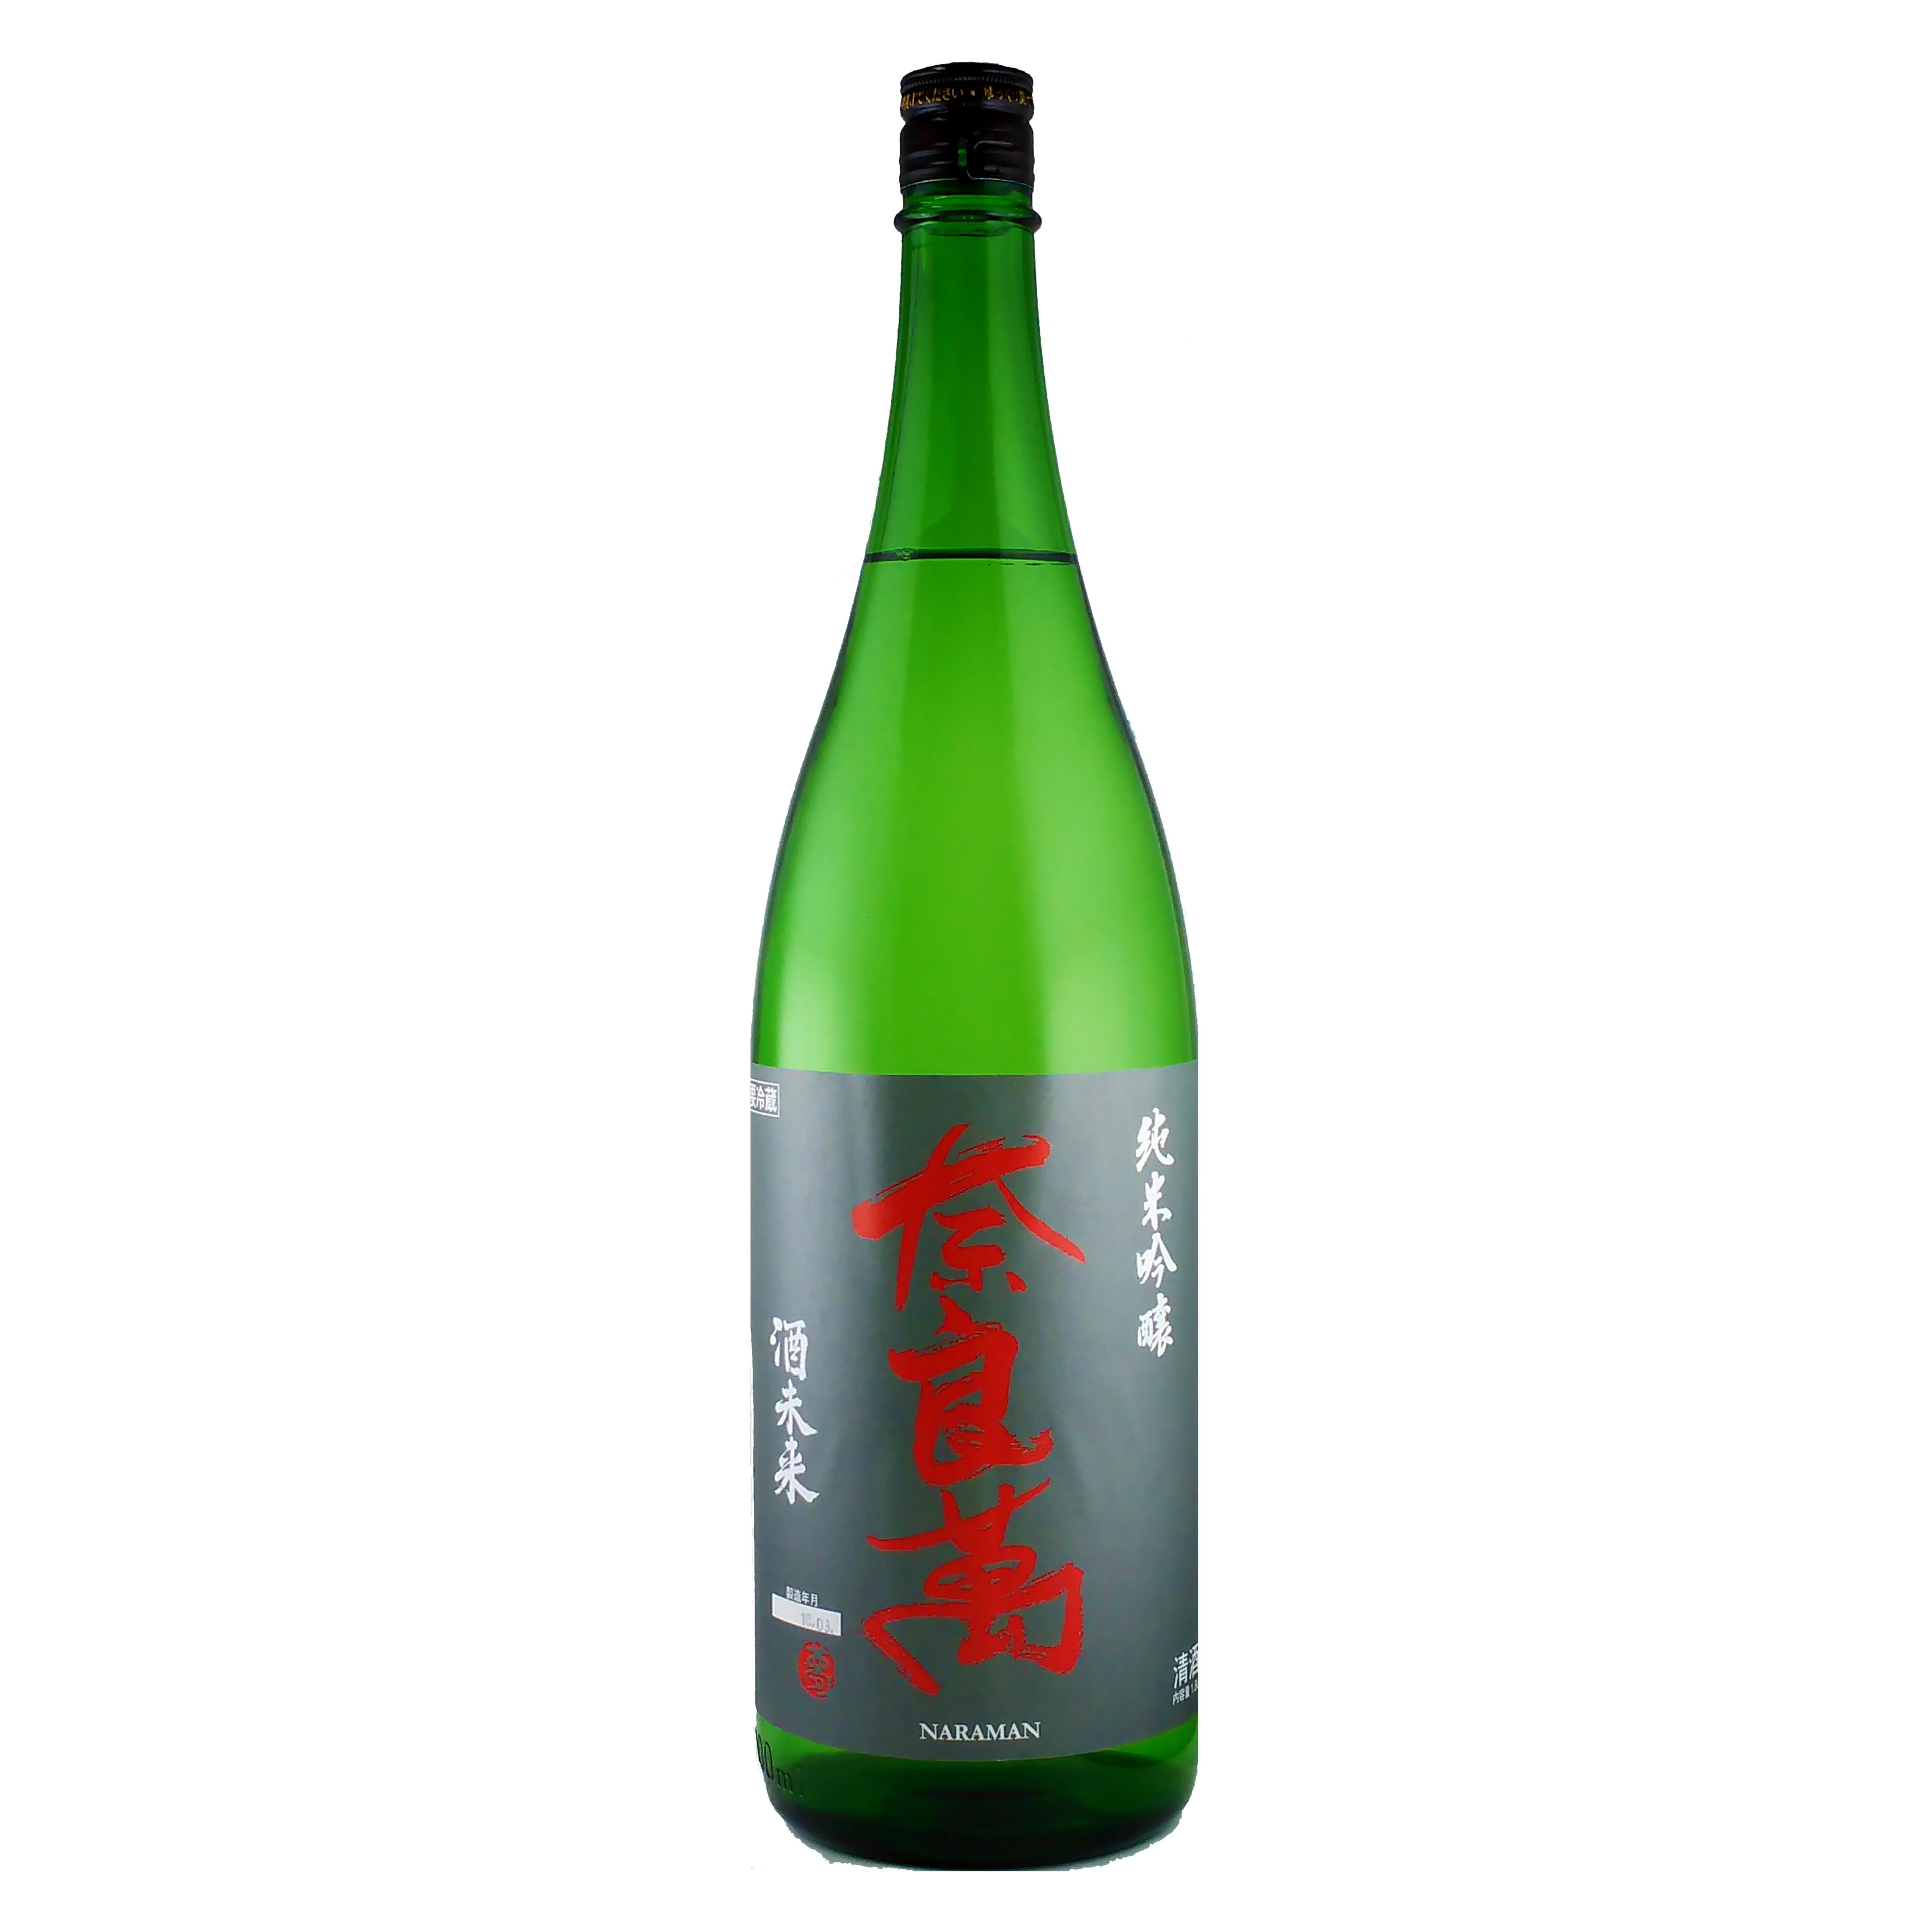 奈良萬 酒未来 純米吟醸 火入れ